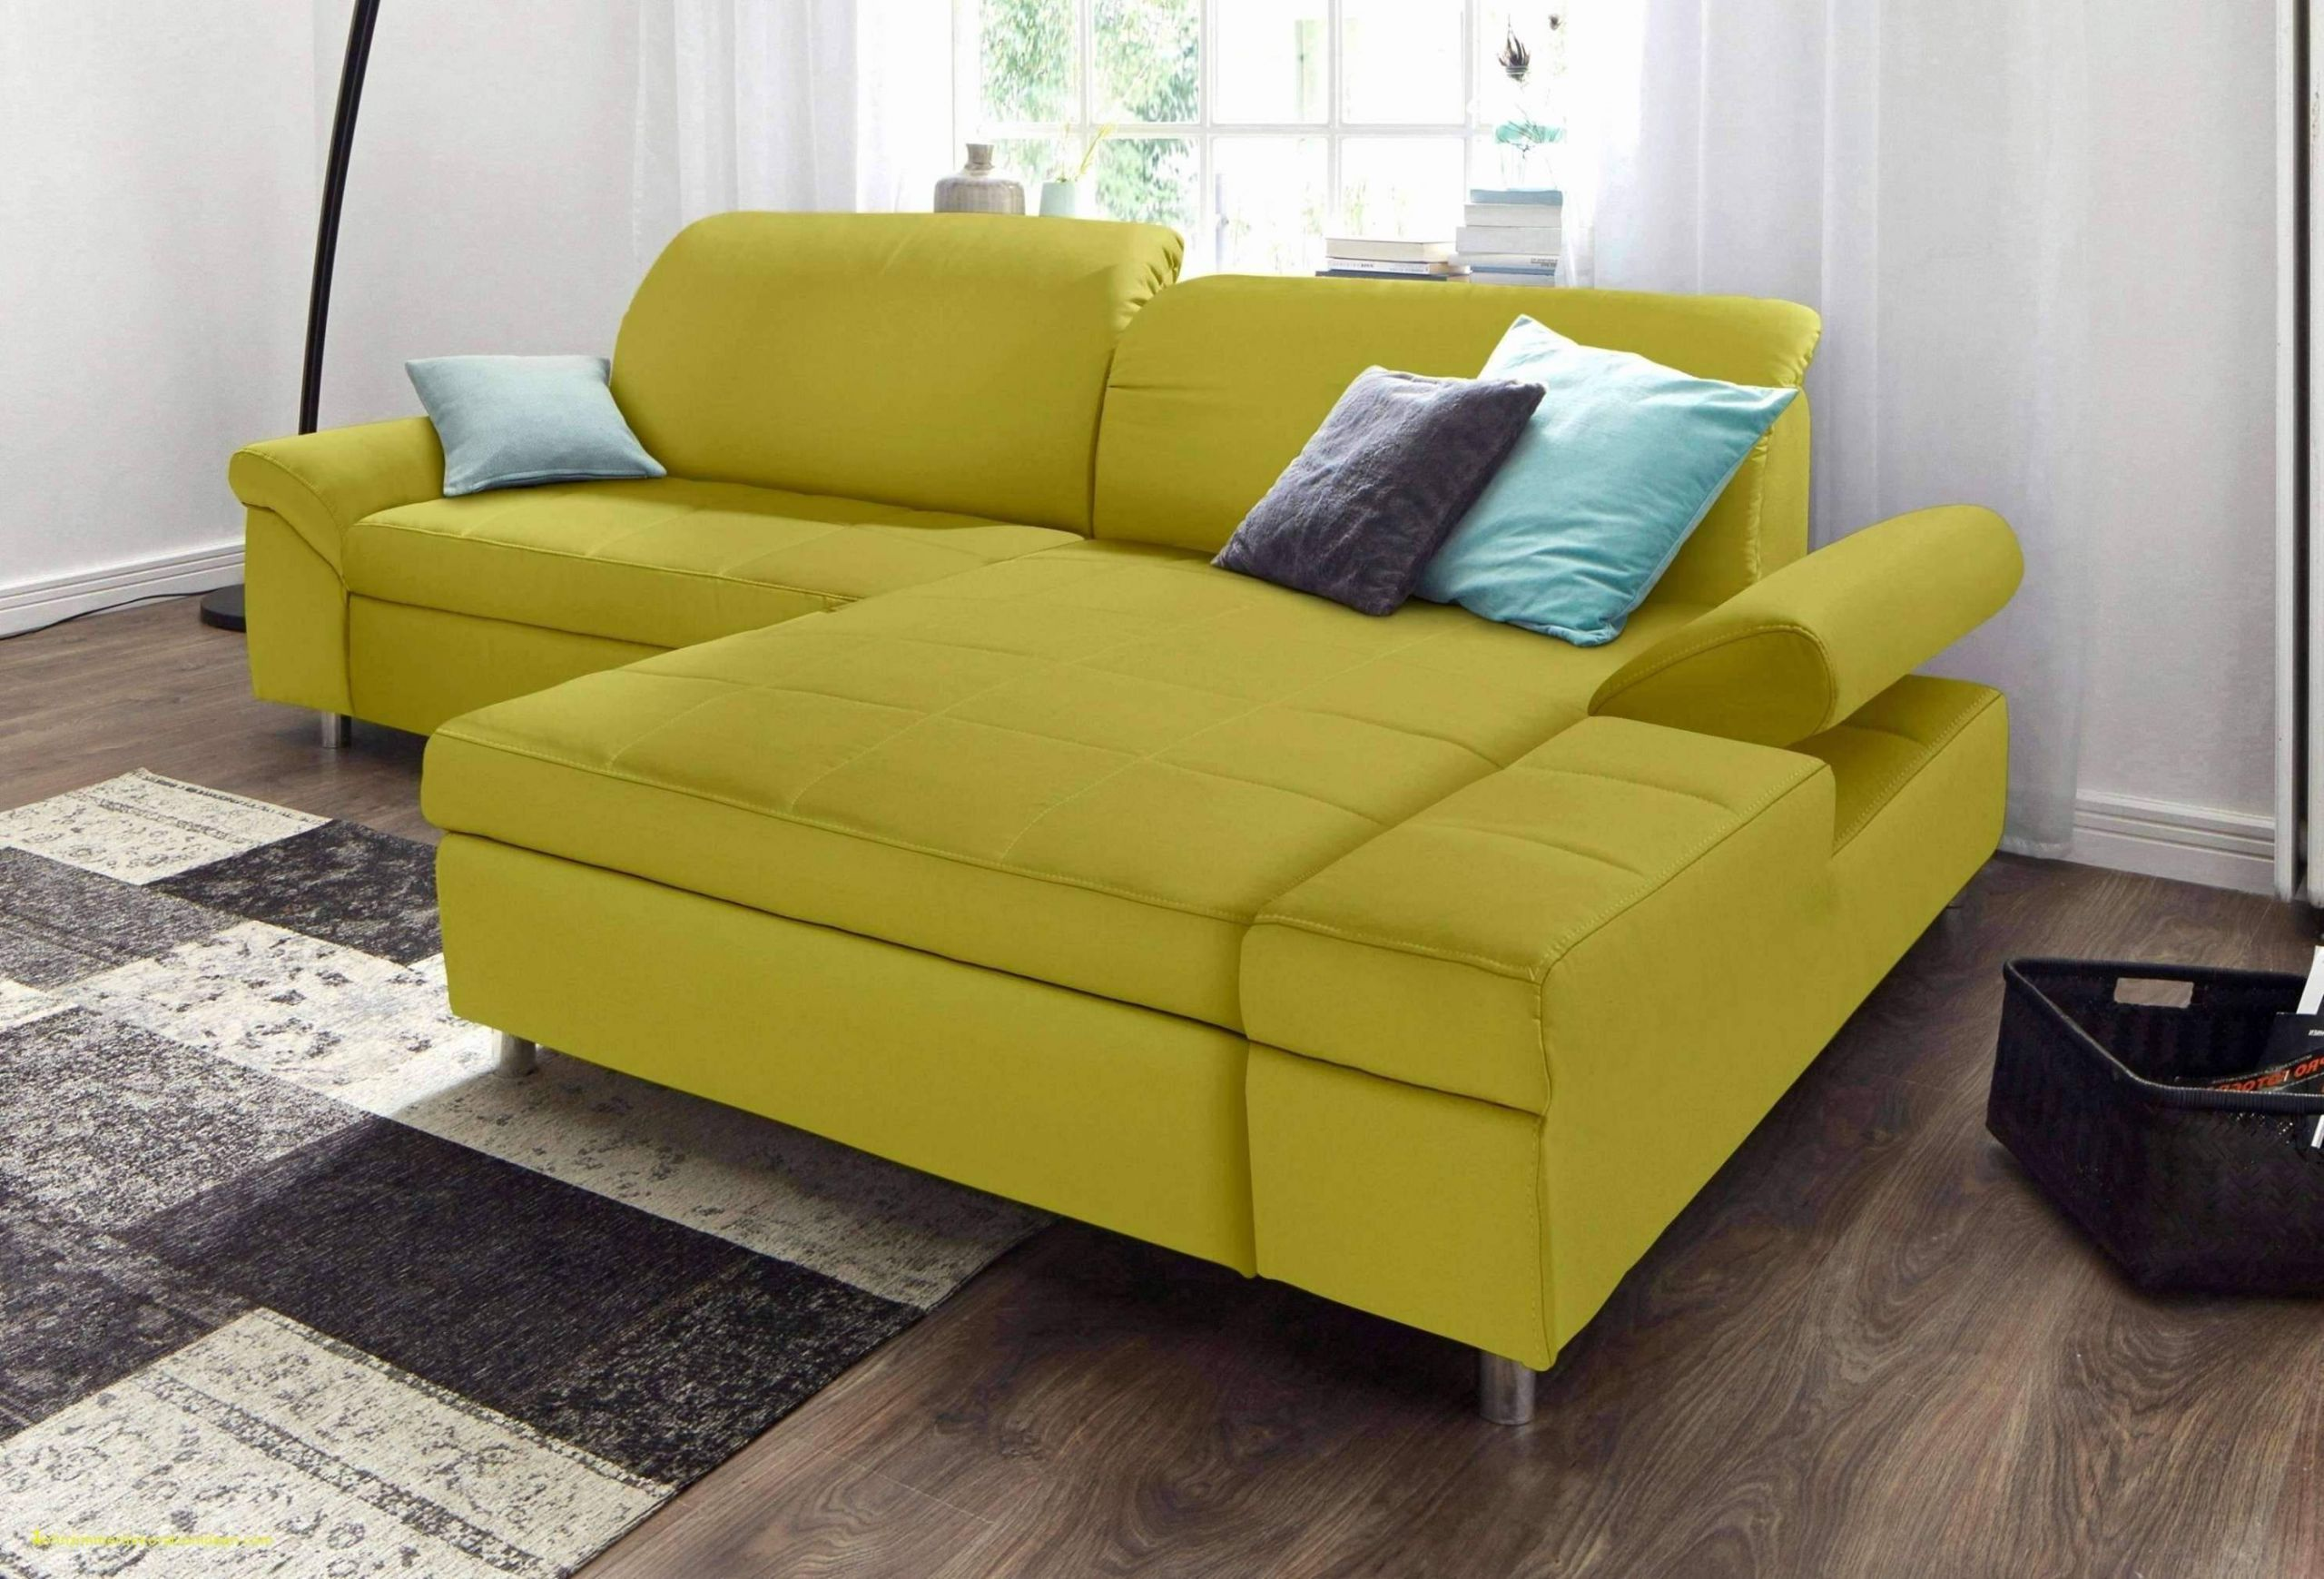 stilmobel wohnzimmer neu wohnzimmer regale gunstig luxus of stilmobel wohnzimmer